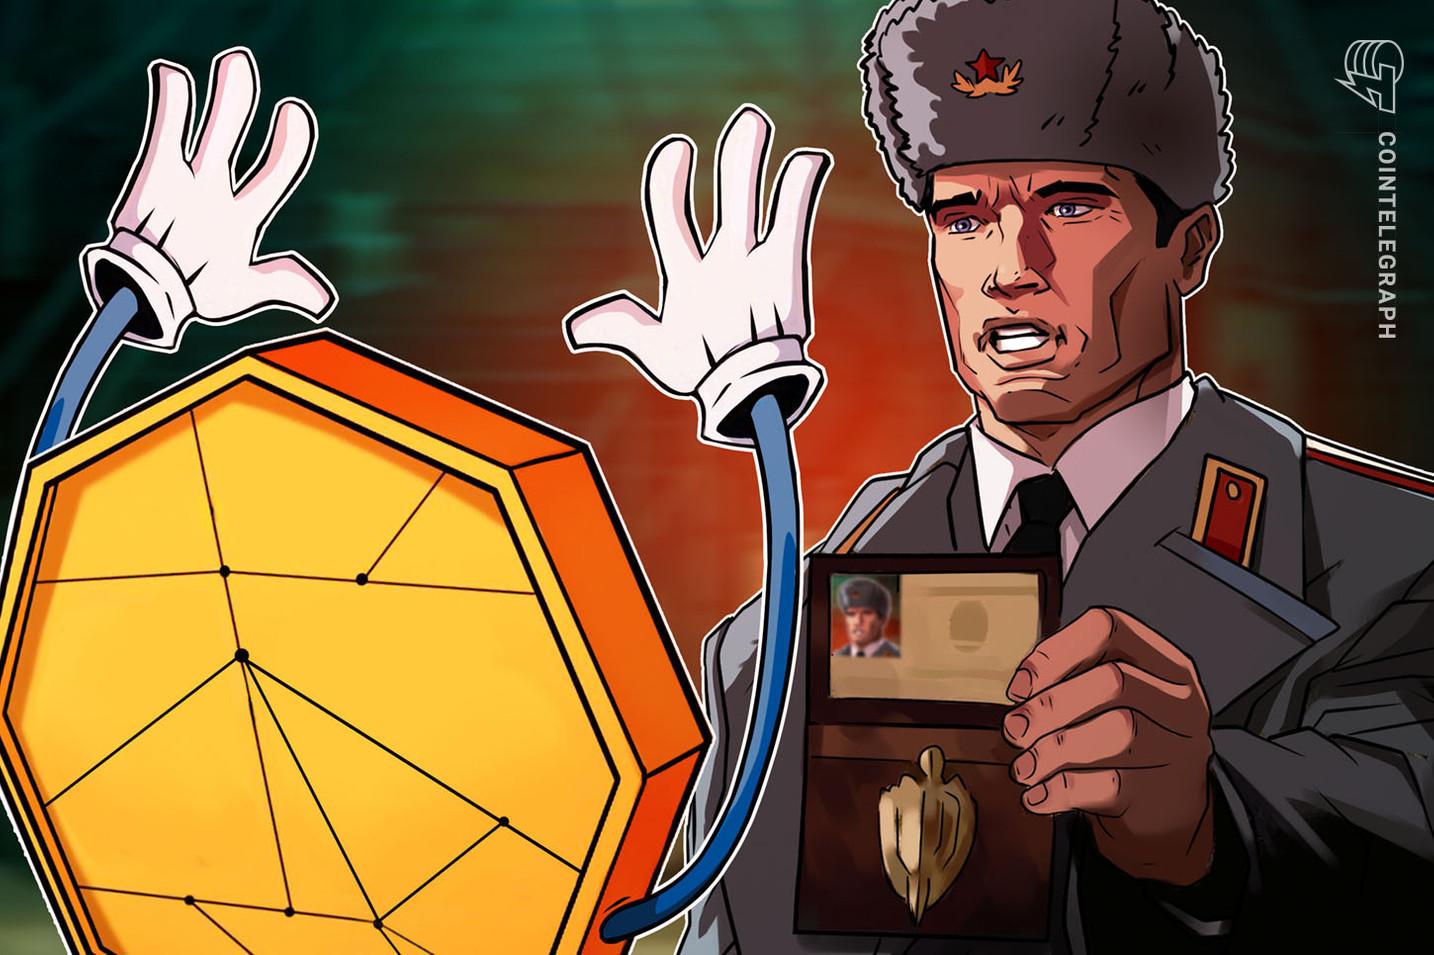 Pagamentos em criptomoedas não podem arruinar sistema financeiro da Rússia, dizem grandes players do setor